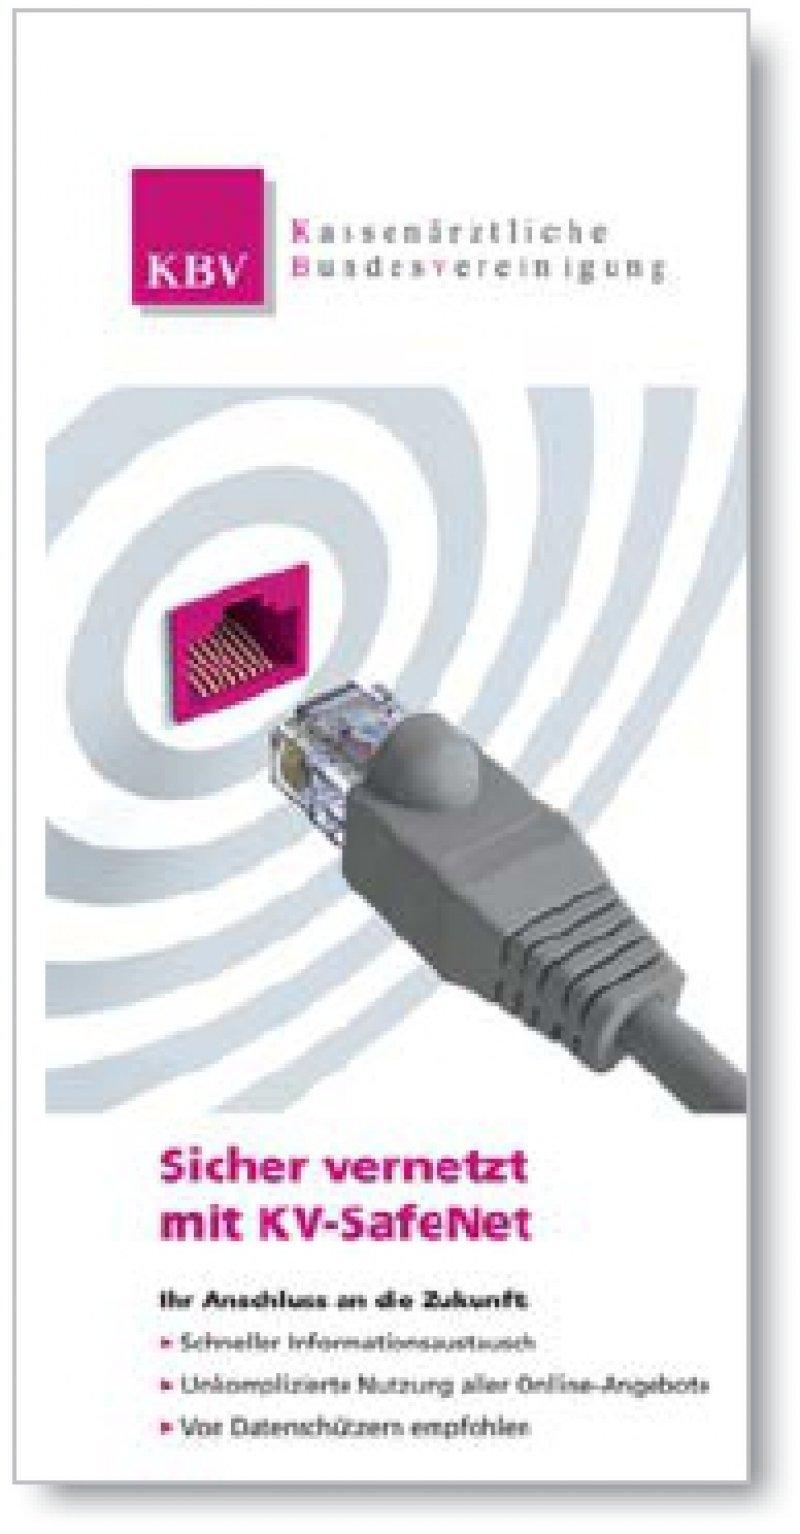 Den Flyer kann man sich unter www.kv-safenet.de herunterladen.